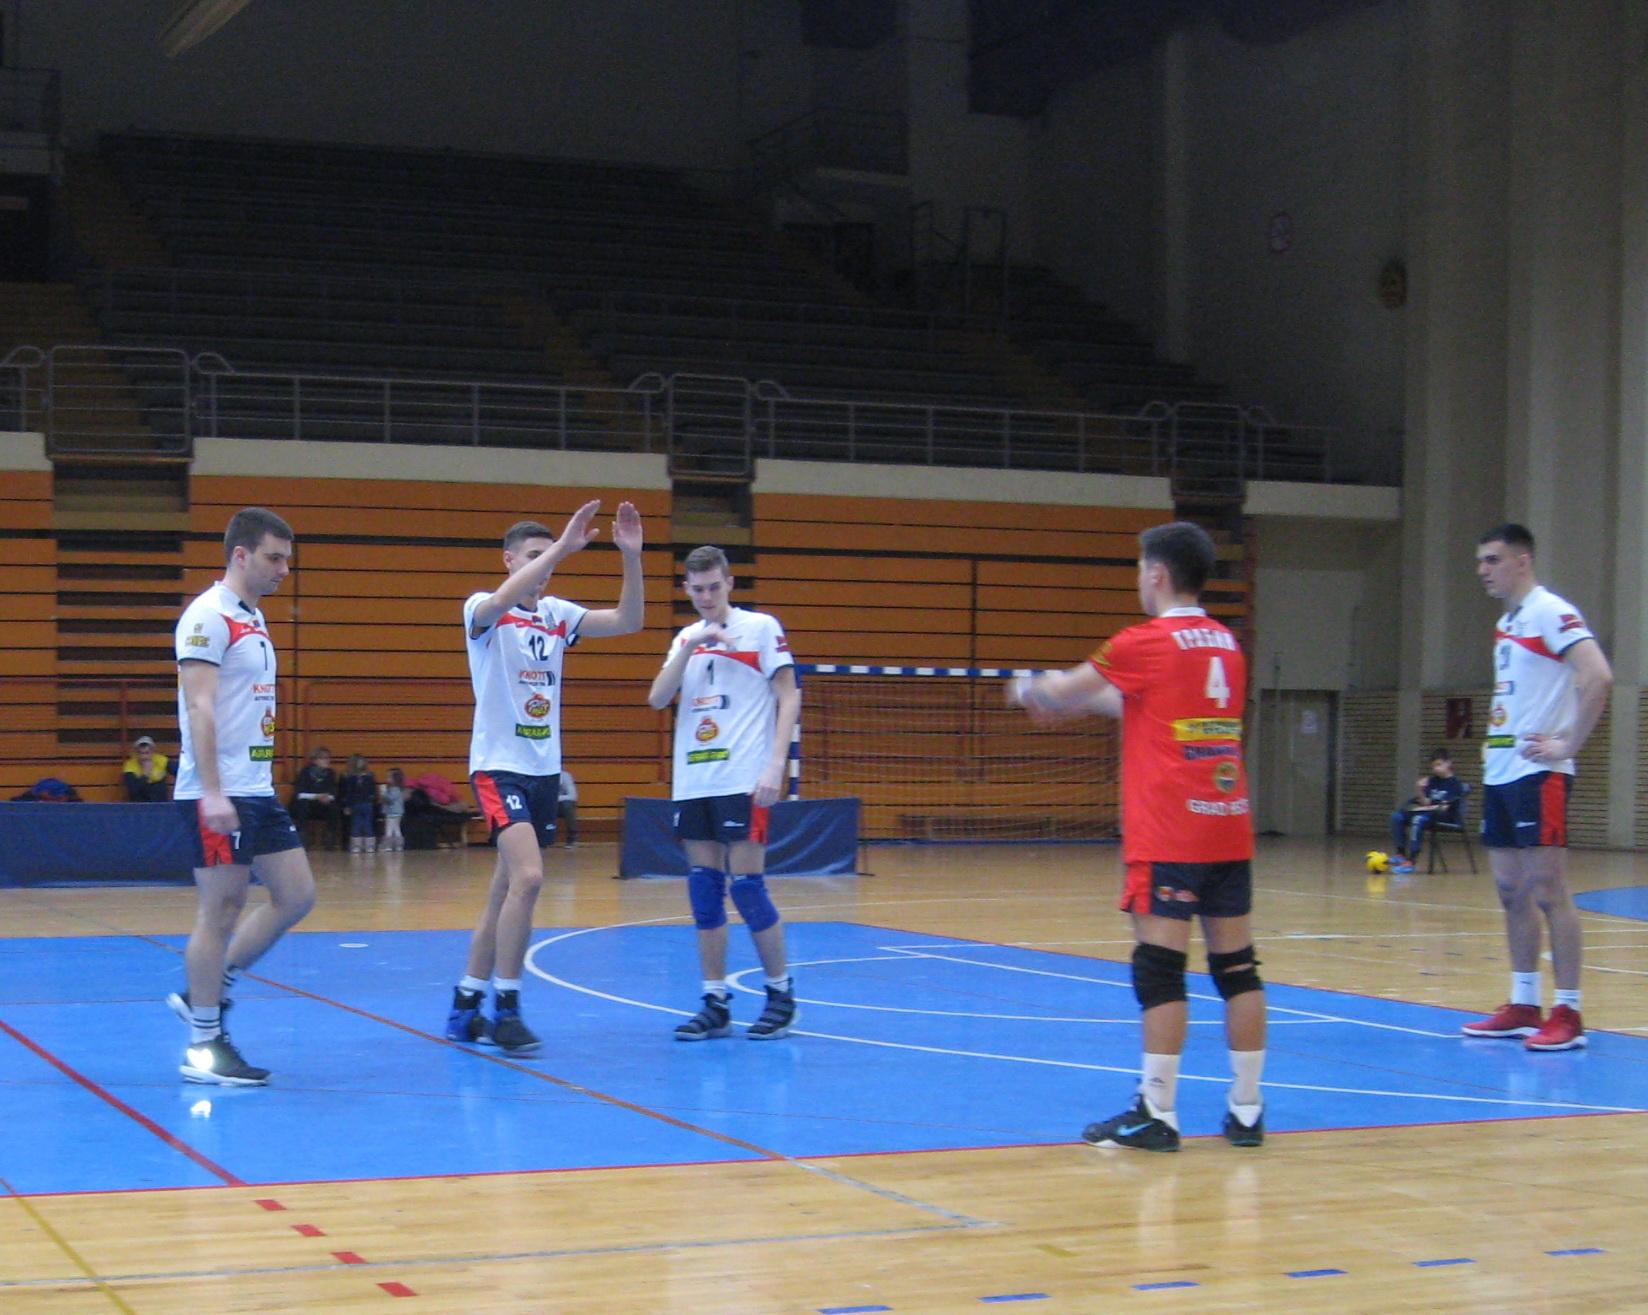 Bečejski prvoligaš će do kraja igrati samo s mladim igračima   Foto: Vlastimir Jankov